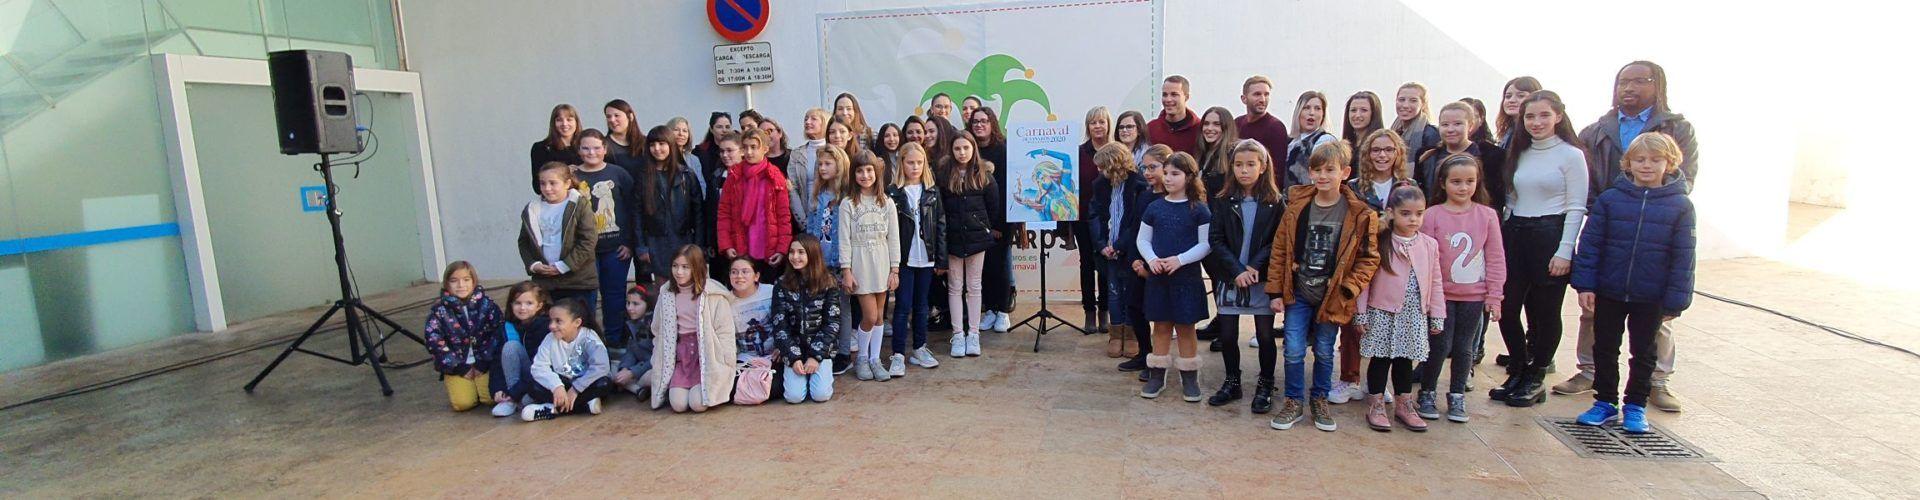 68 obras participantes en el concurso de carteles de Carnaval de Vinaròs